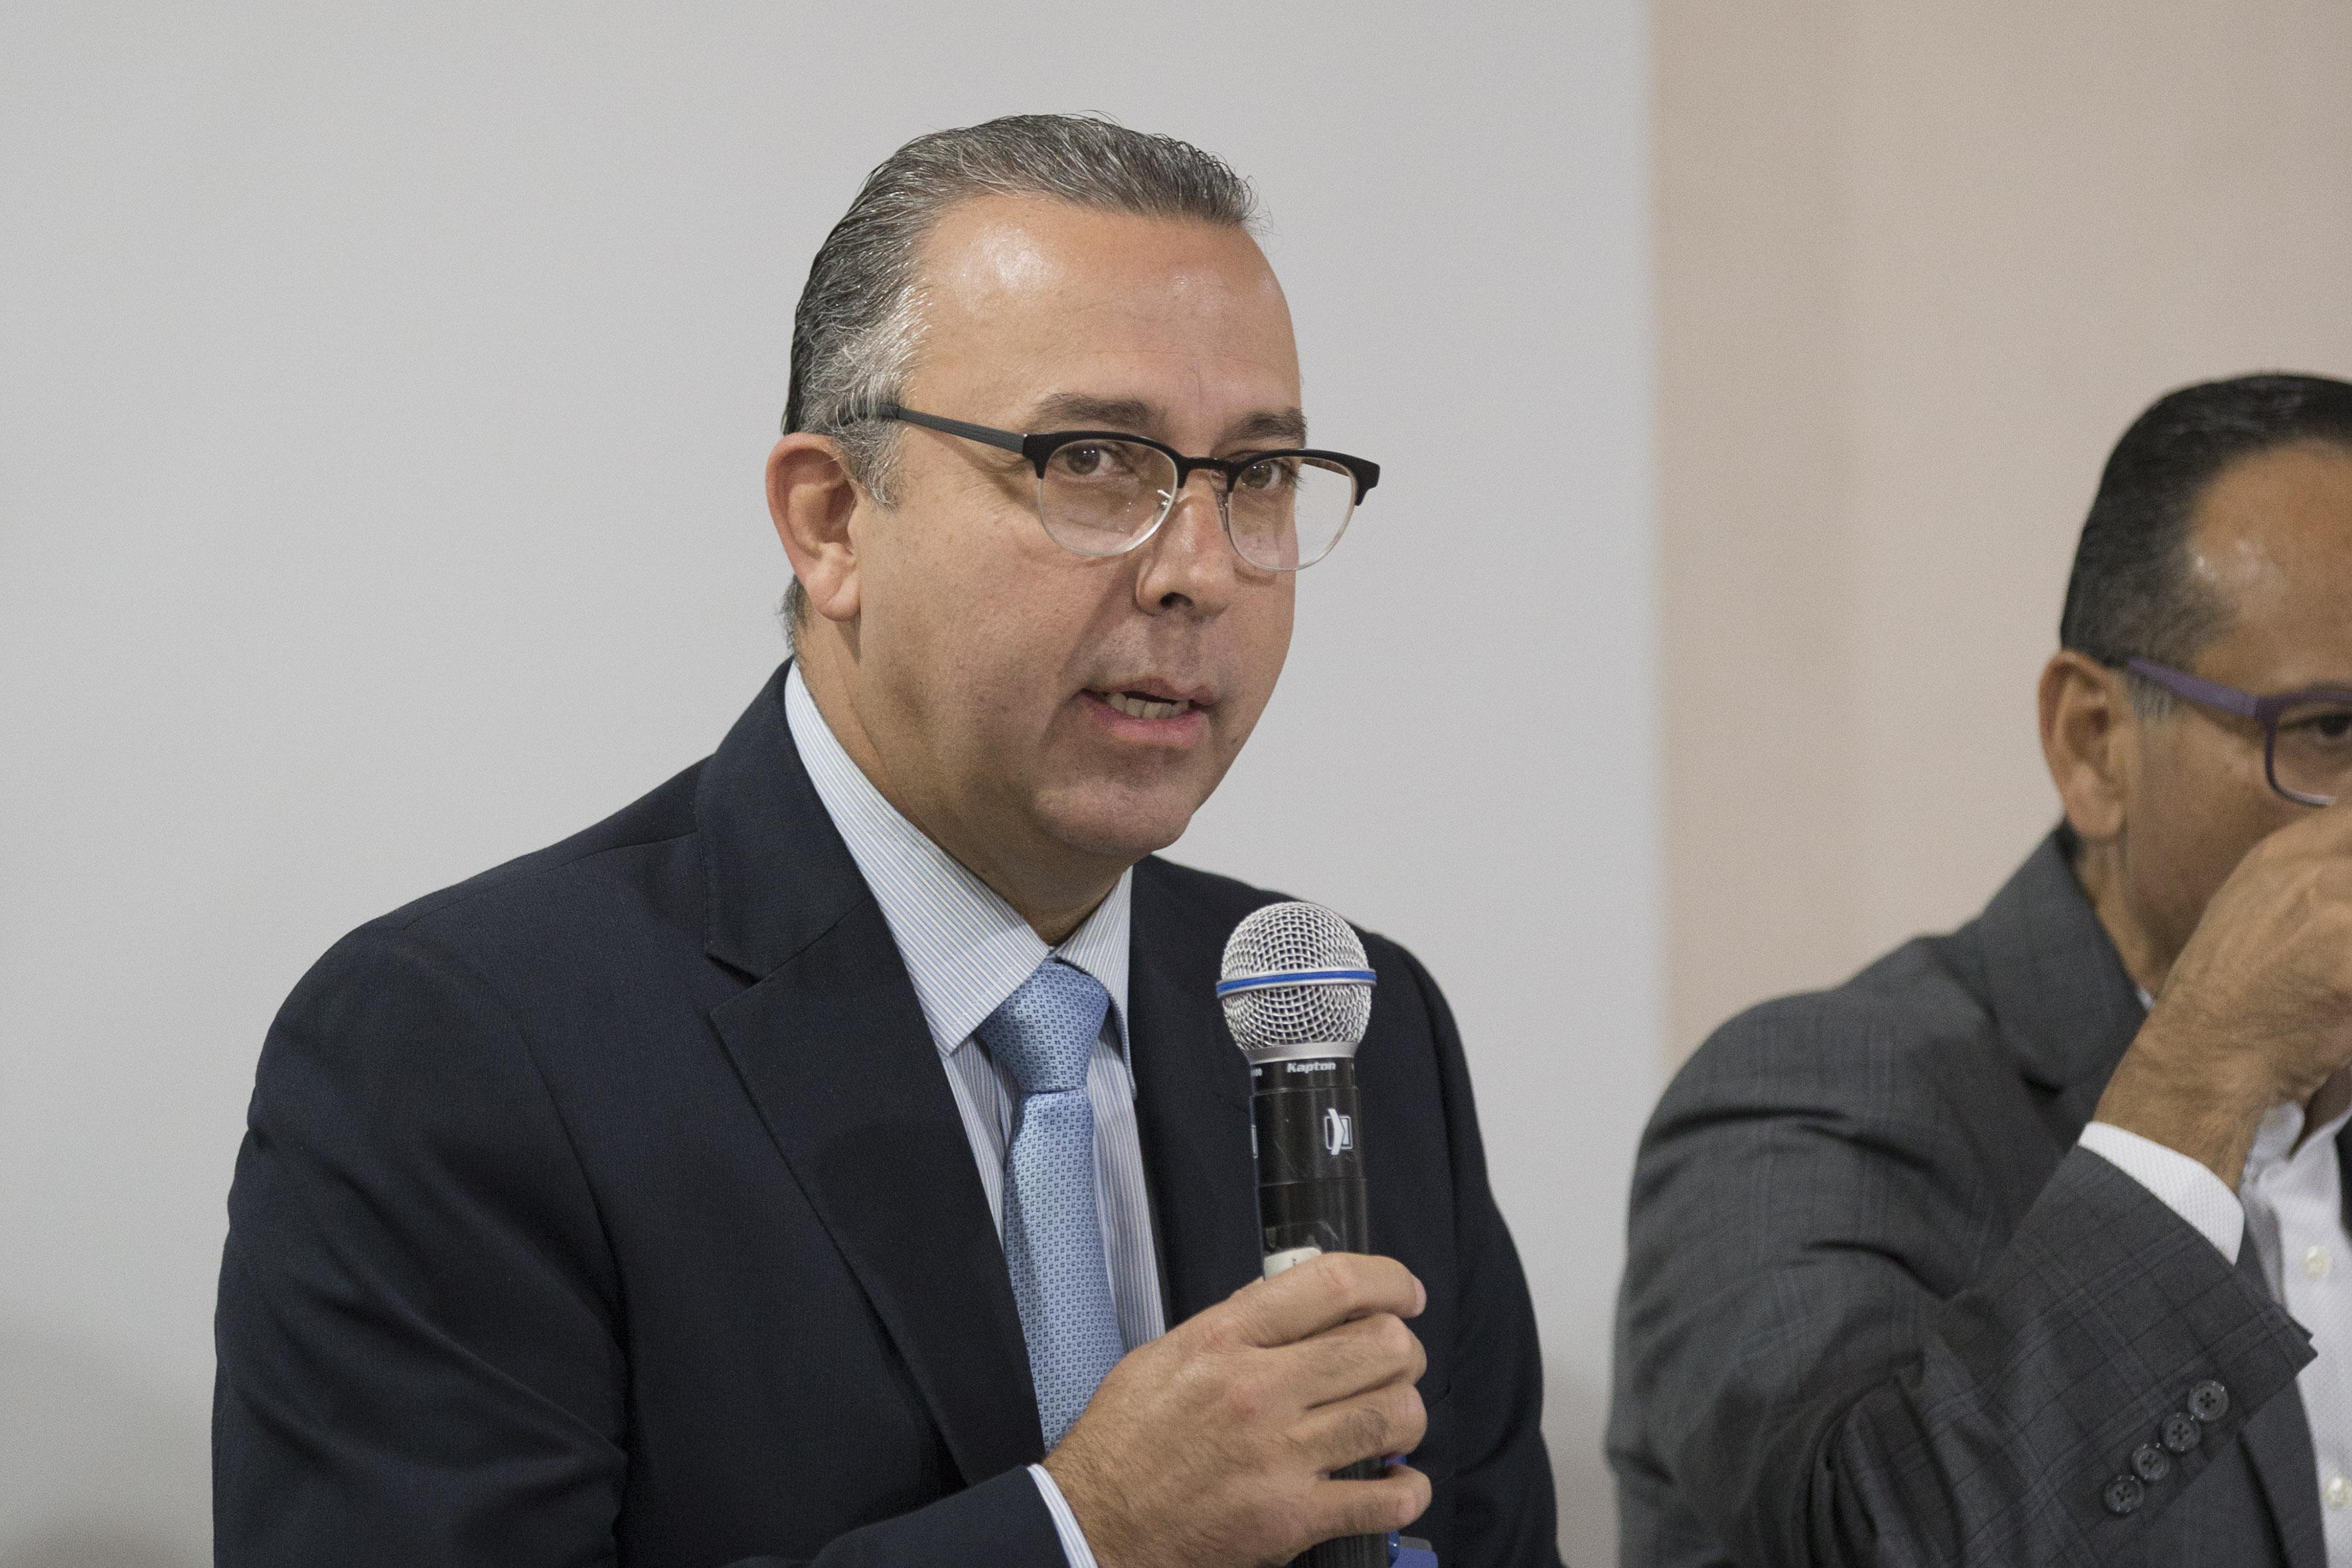 Director del Nuevo Hospital Civil de Guadalajara, doctor Francisco Martín Preciado Figueroa, haciendo uso de la palabra